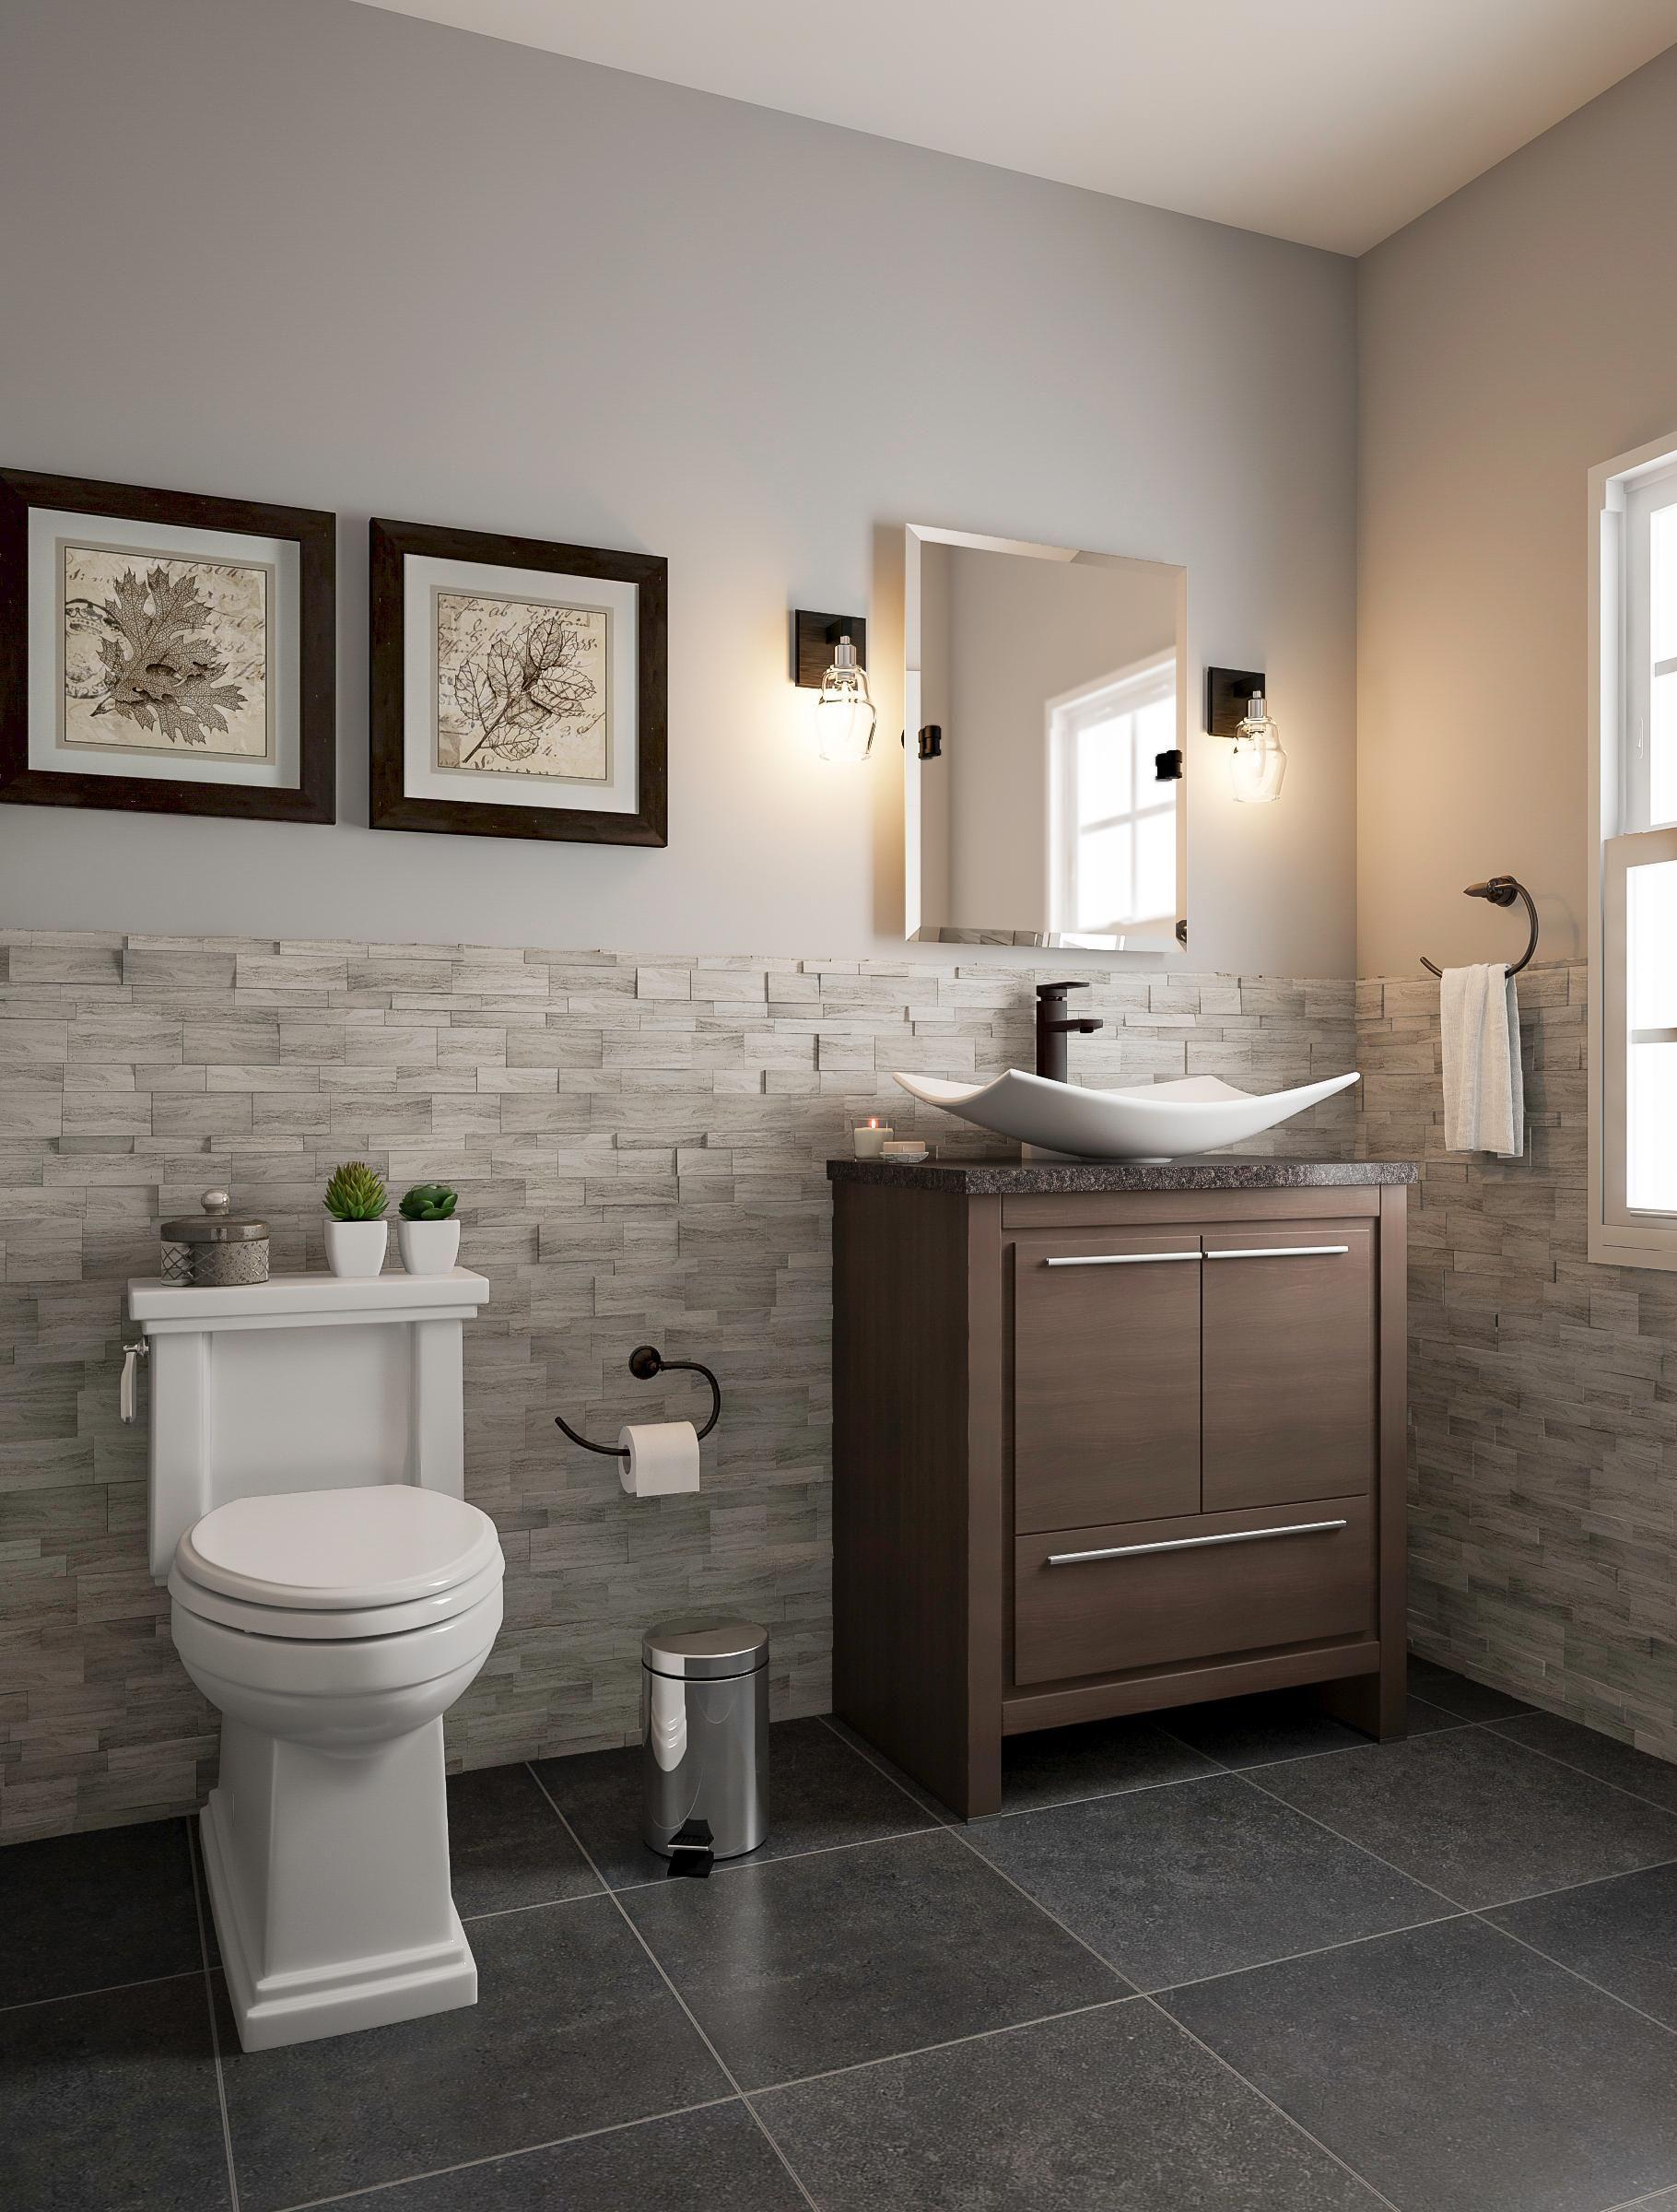 Dusky Bathroom With Wainscoting Home Depot Bathroom Small Bathroom Layout Budget Bathroom Remodel Home depot bathroom design ideas